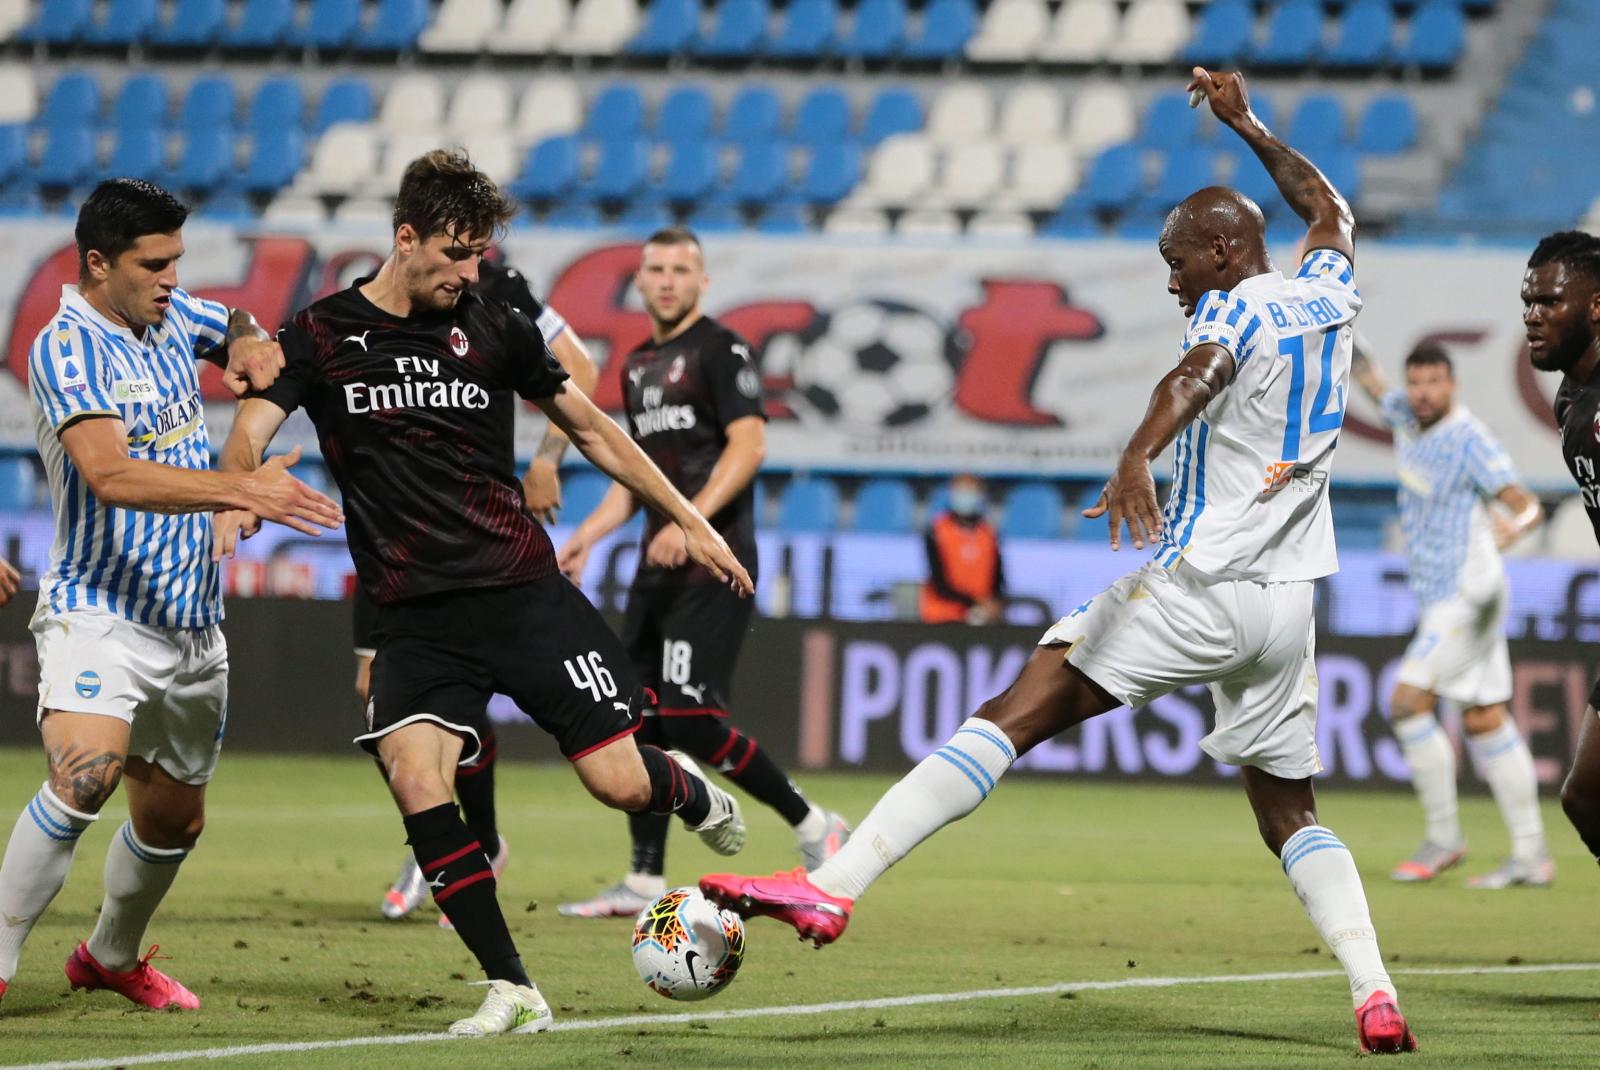 Serie A: AC Milan cudem zremisował. Bartłomiej Drągowski przeżył ponury wieczór - Sport WP SportoweFakty